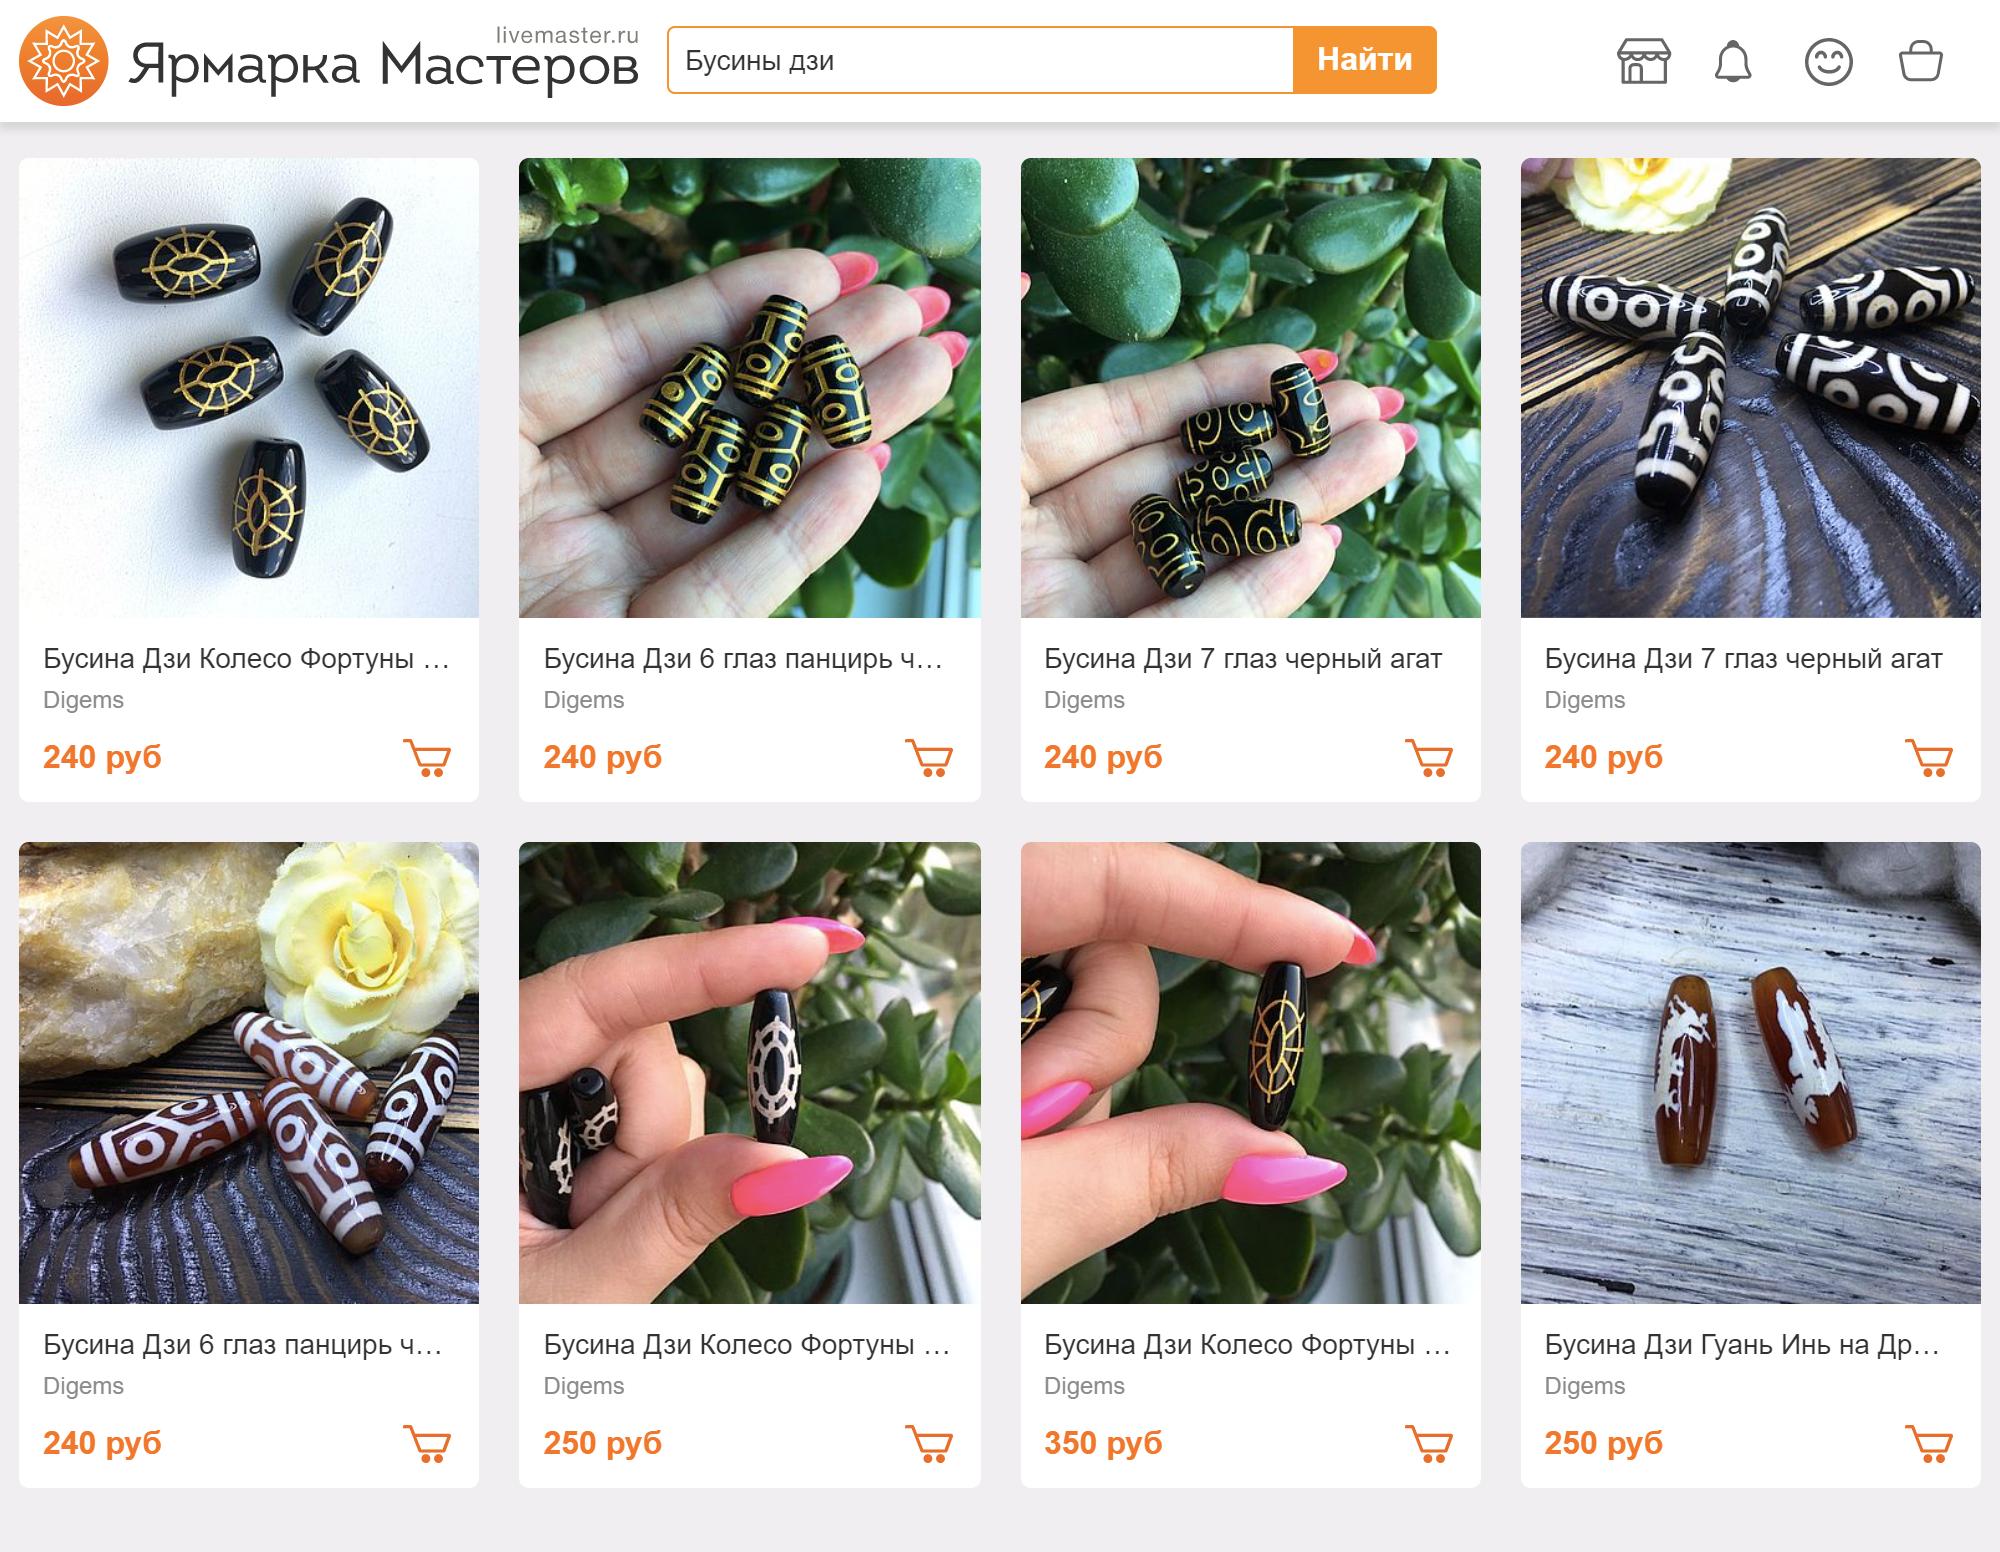 В интернете есть десятки вариантов бусины Дзи. Одинаковые по виду бусины продавали и как&nbsp;украшения за 200<span class=ruble>Р</span>, и как&nbsp;магические амулеты за 10&nbsp;тысяч